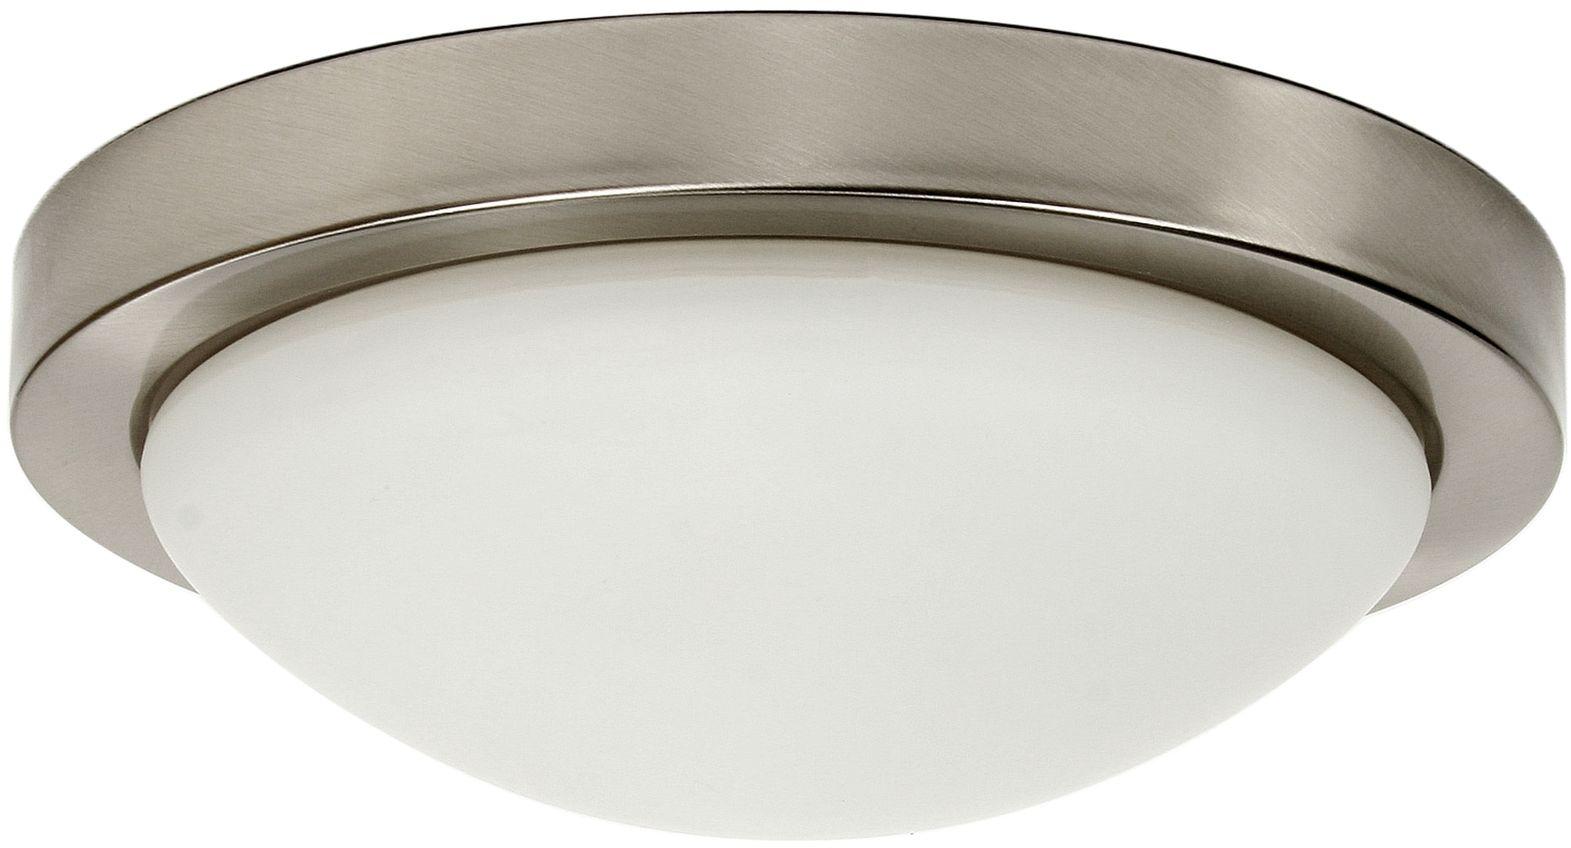 Candellux RODA 13-74037 plafon lampa sufitowa satyna nikiel szklany klosz E27 2X60W 32cm